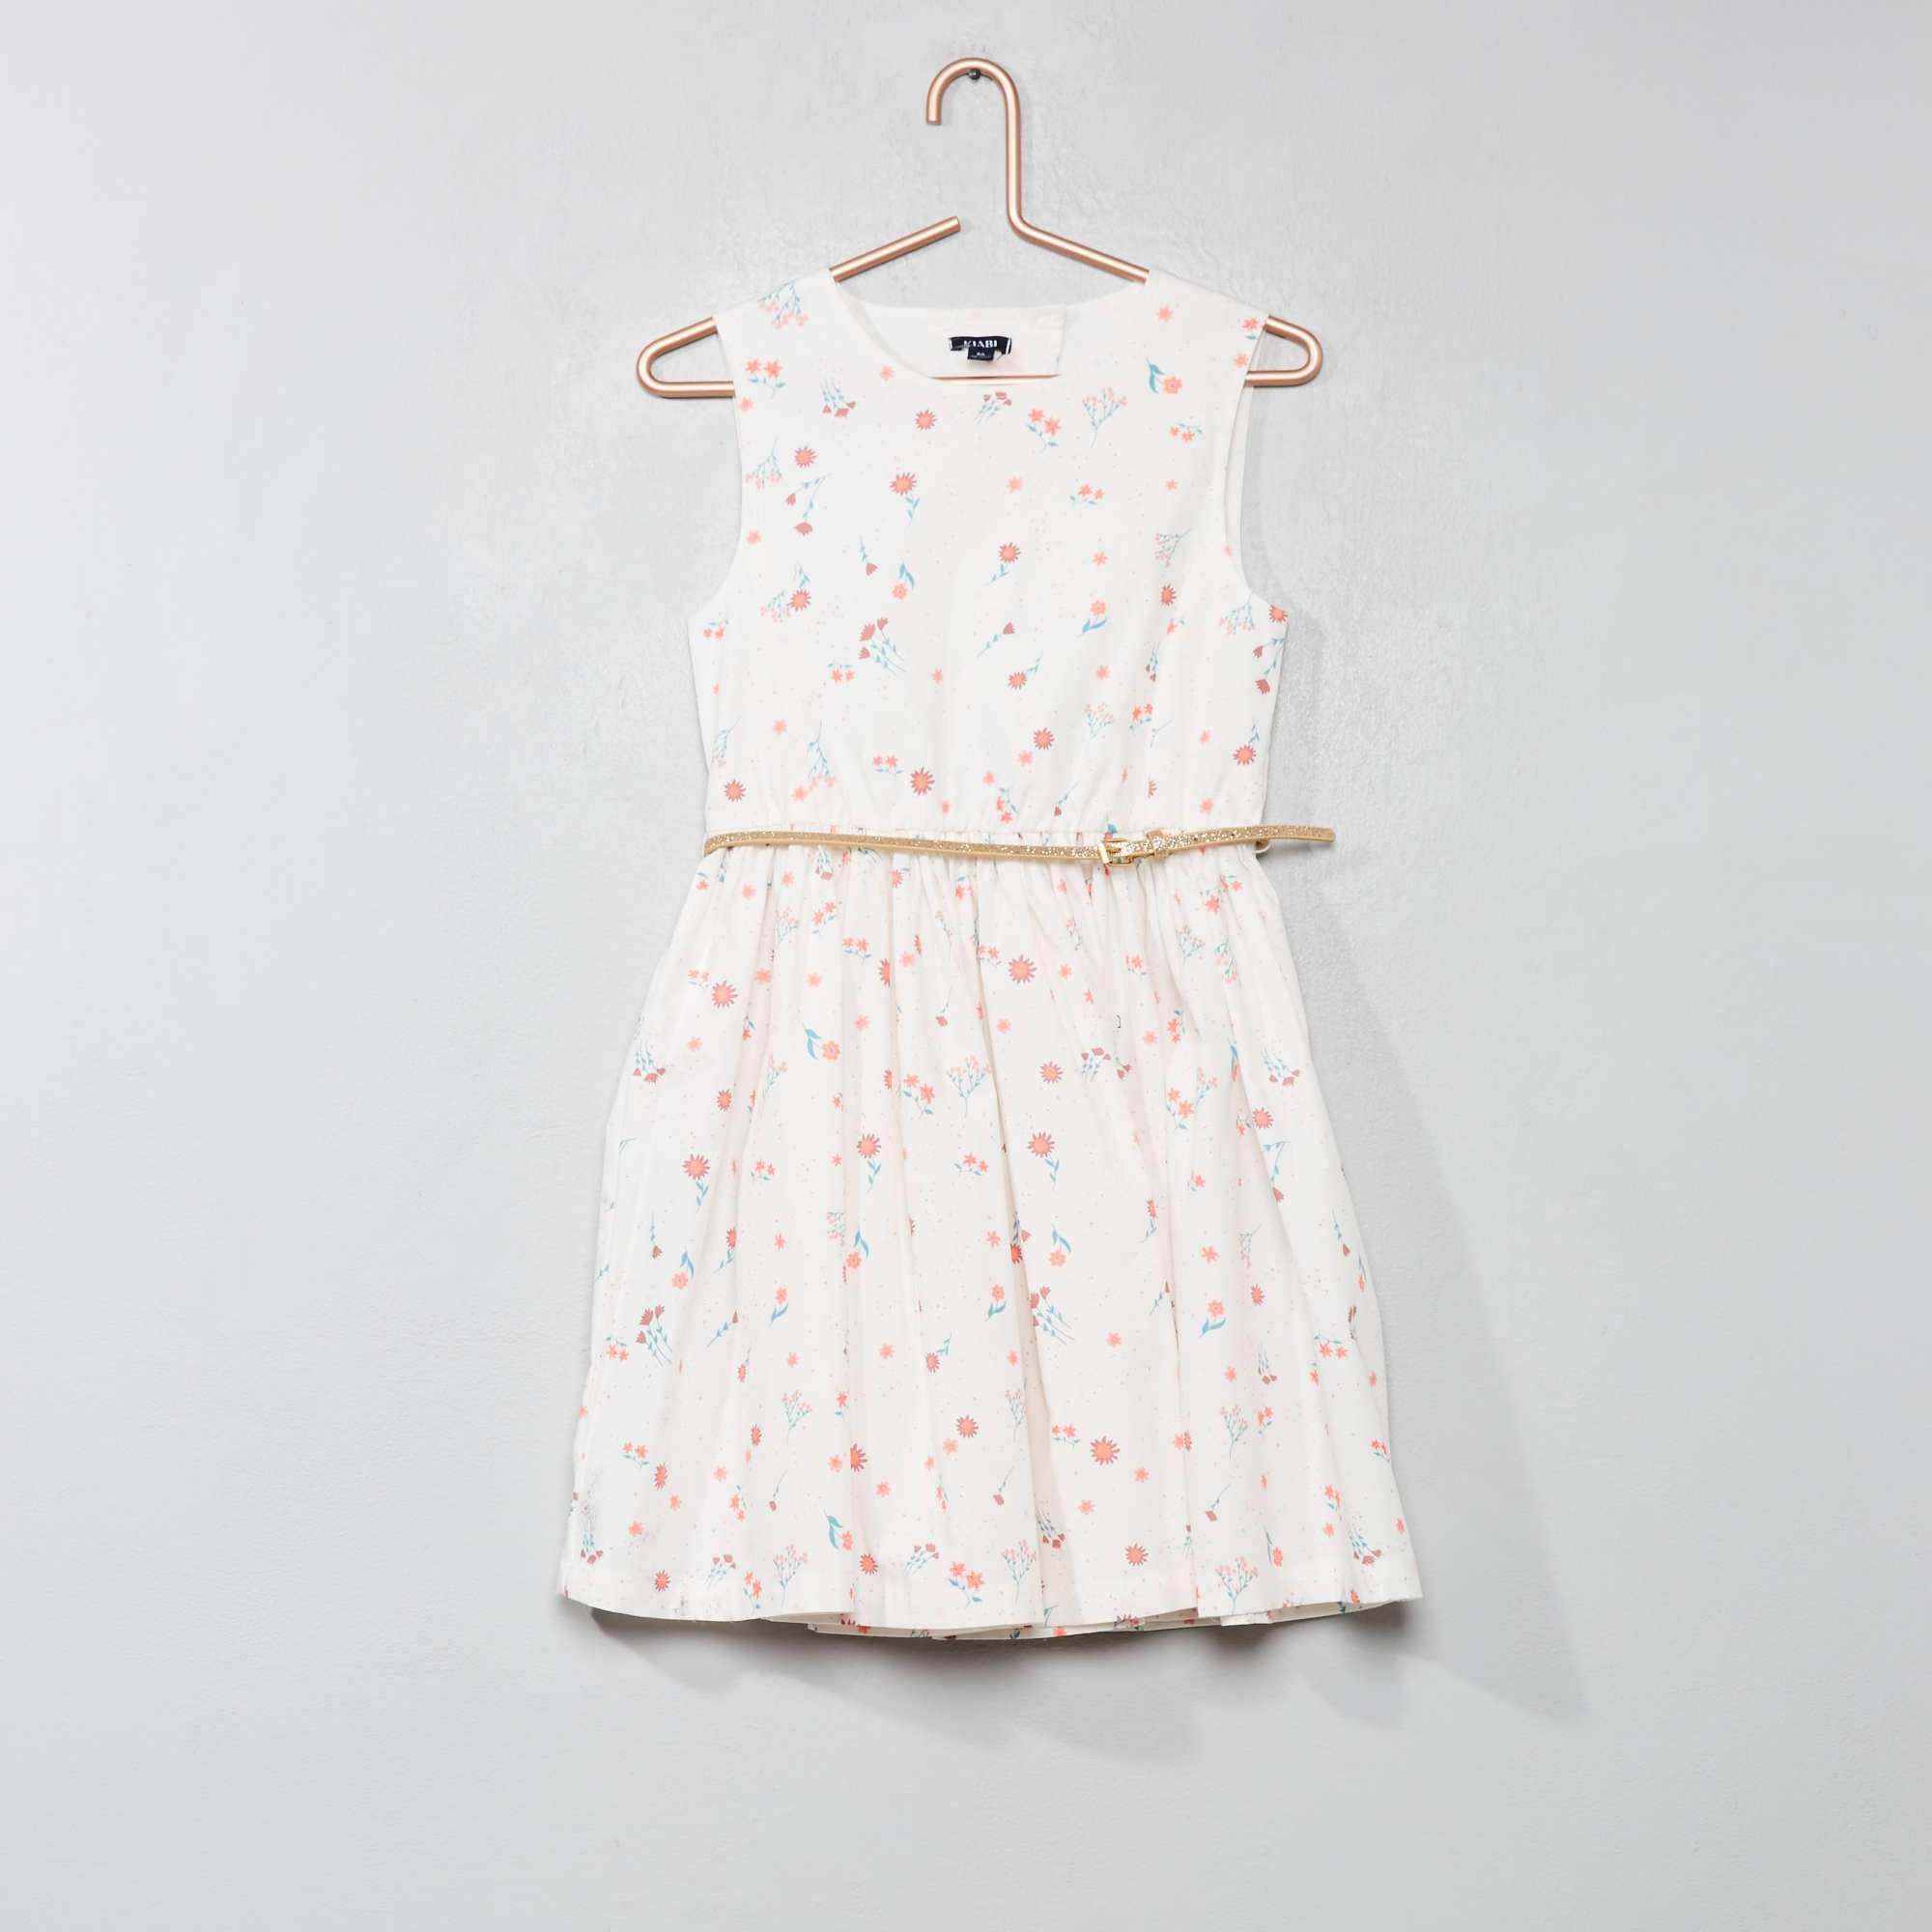 b41c1377c Vestido largo estampado Menina 3-12 anos - Branco - Kiabi - 12